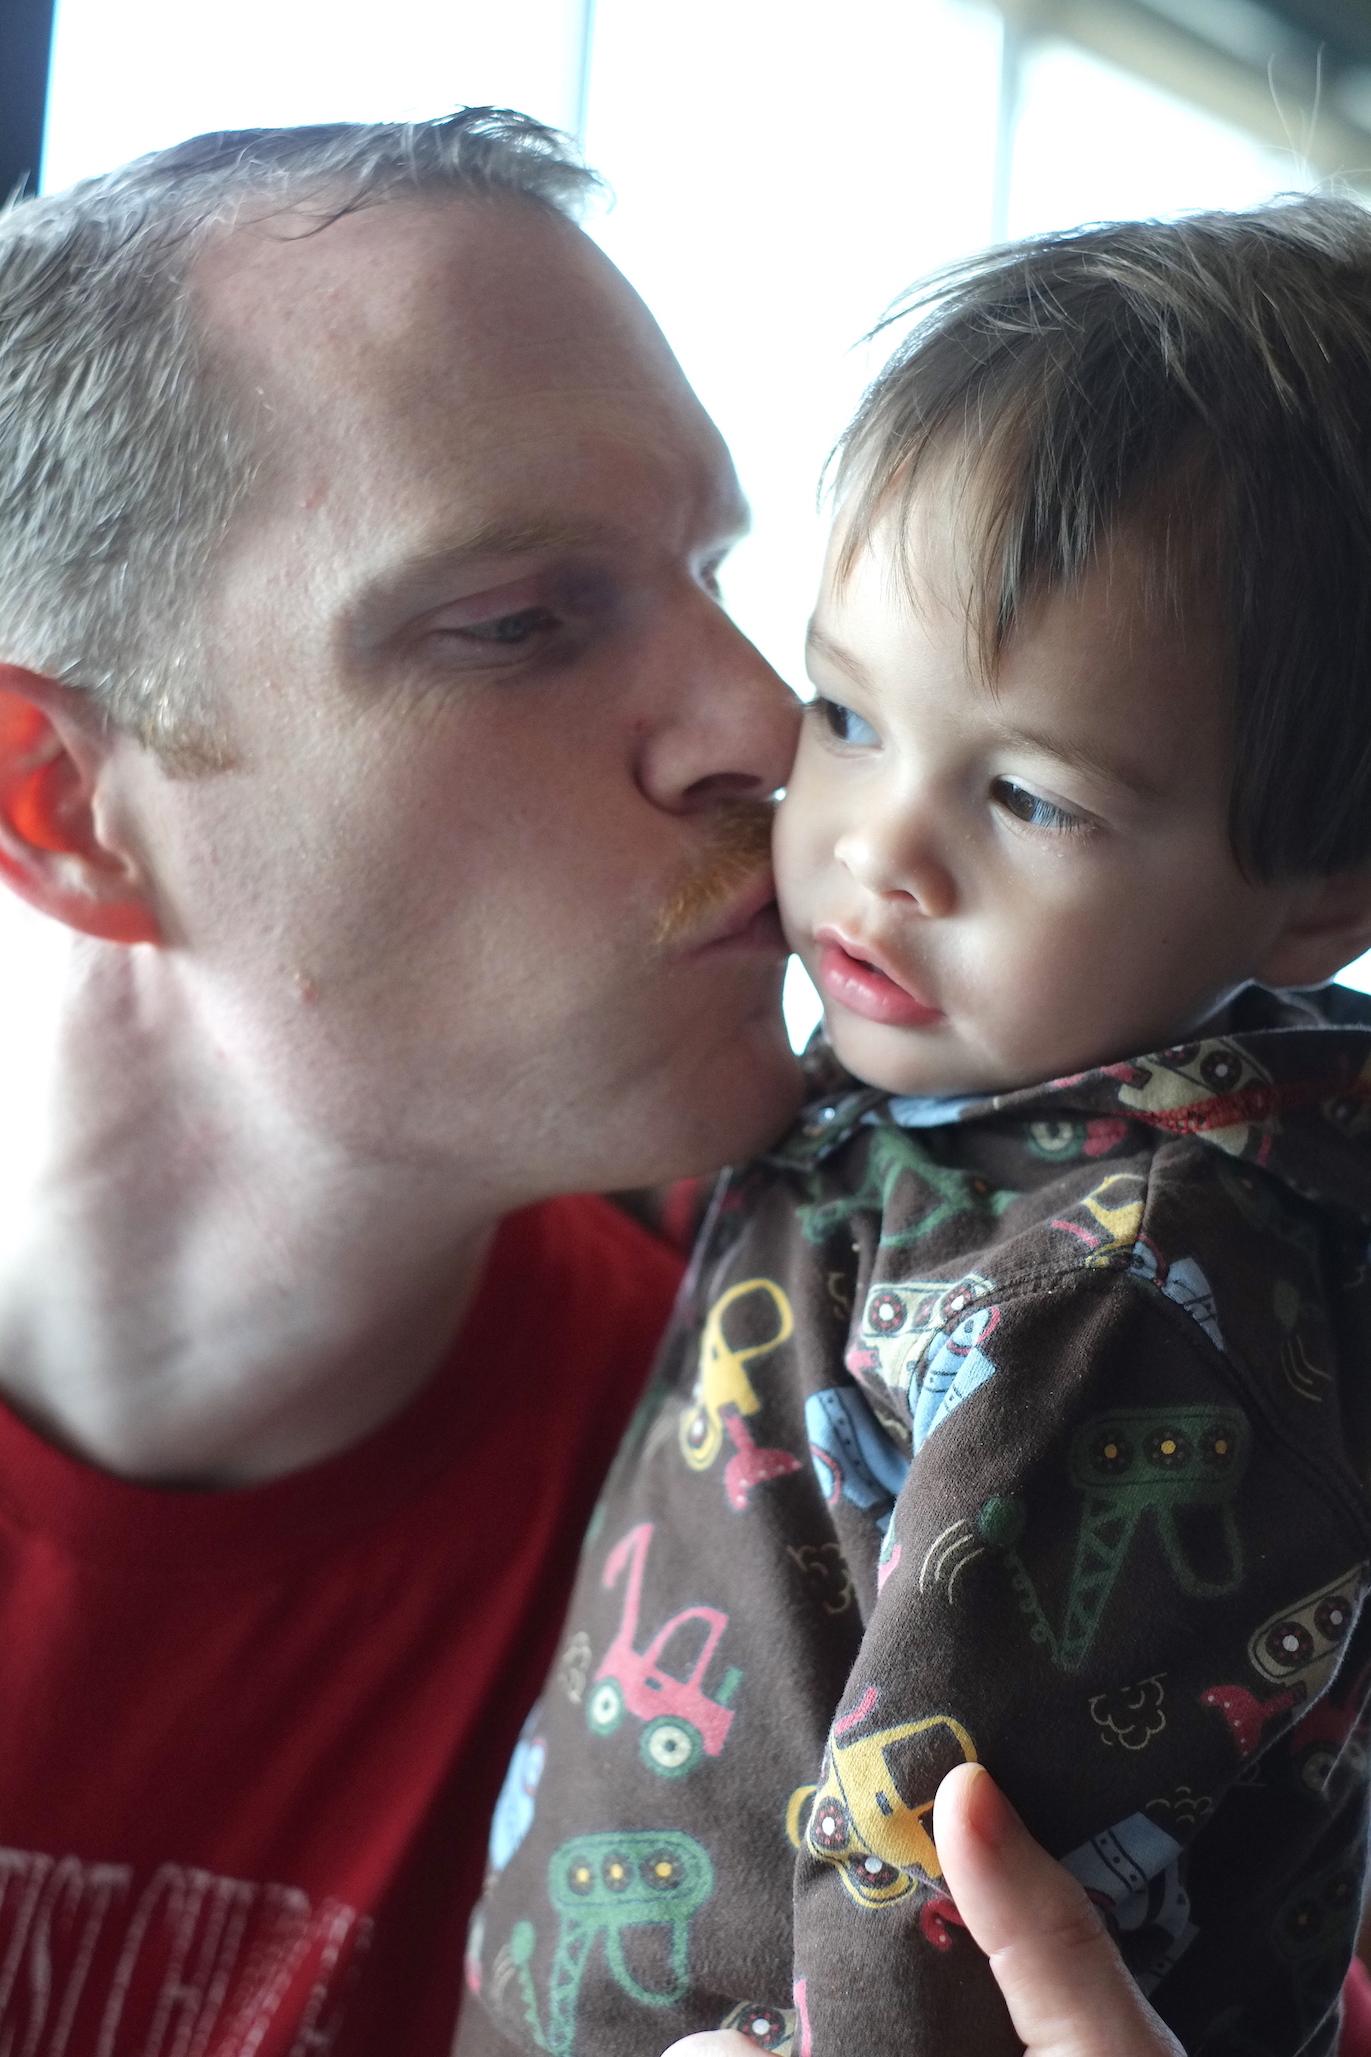 DSCF8749 - Tim Daniel Grand Marlin sweet kiss nice copy quick edit small